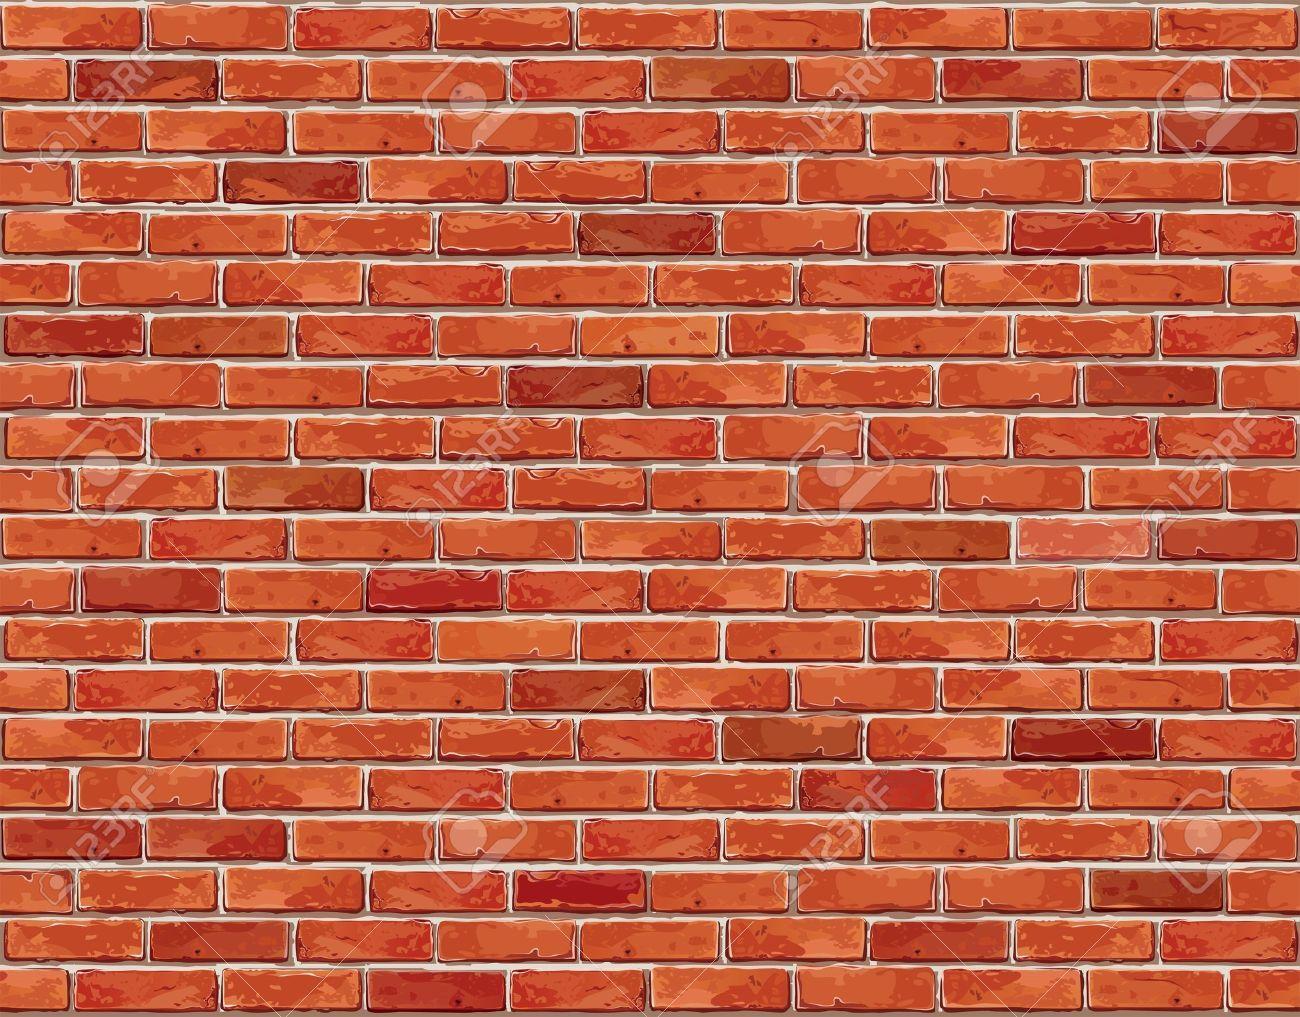 Mur En Brique Rouge motif brique – recherche google | tapeten, strukturierte